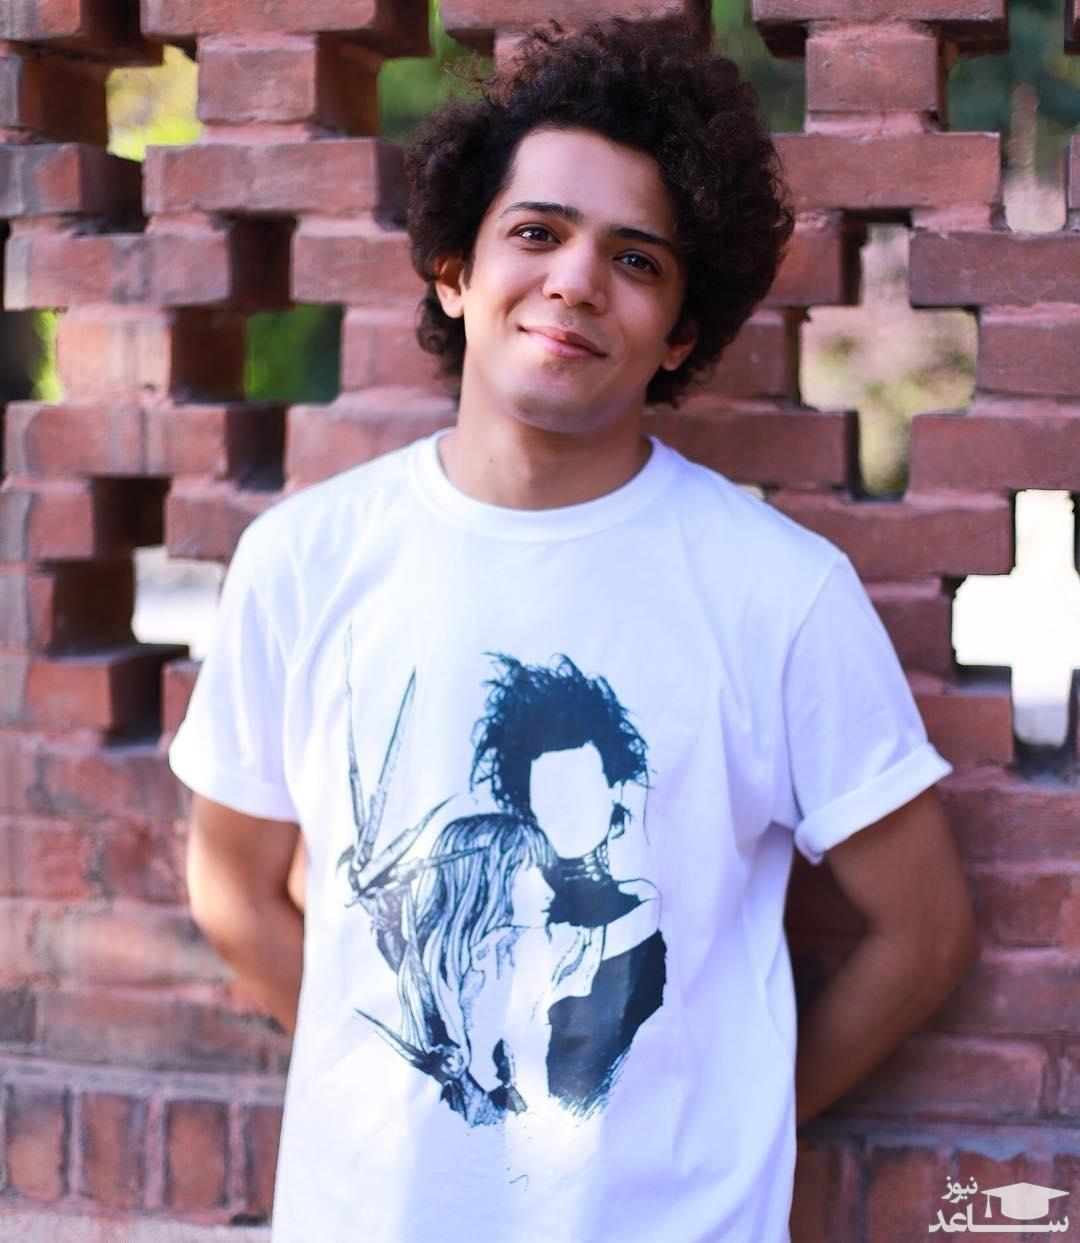 مجید نوروزی، بازیگر گاندو با موهای فرفری و عجیب